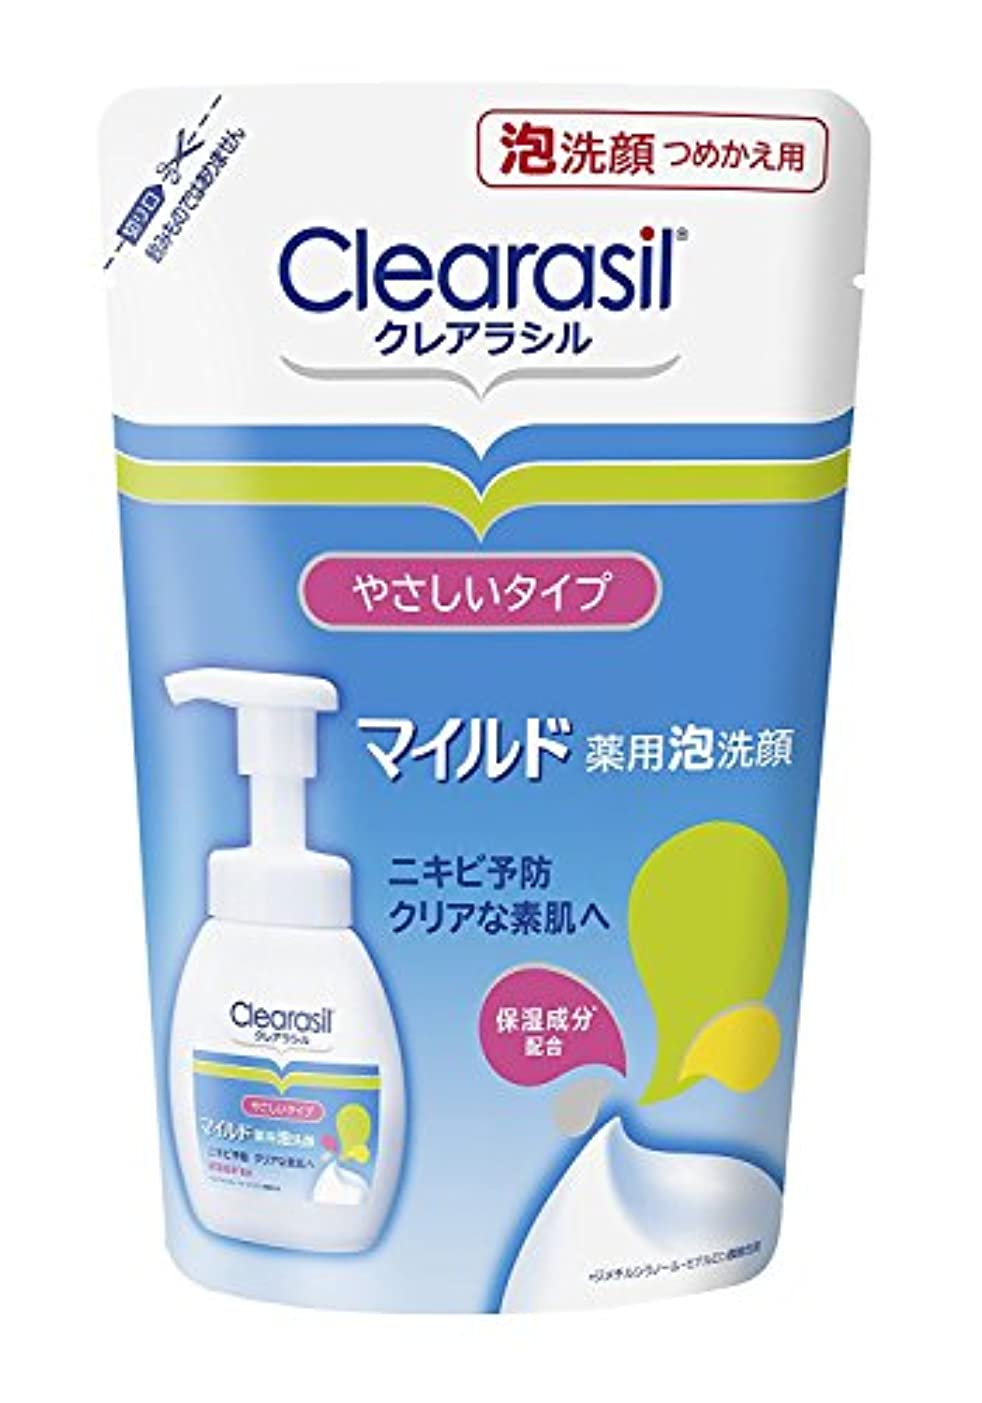 ブロッサムスタッフ狂った【clearasil】クレアラシル 薬用泡洗顔フォーム(マイルドタイプ) つめかえ用 (180ml) ×5個セット